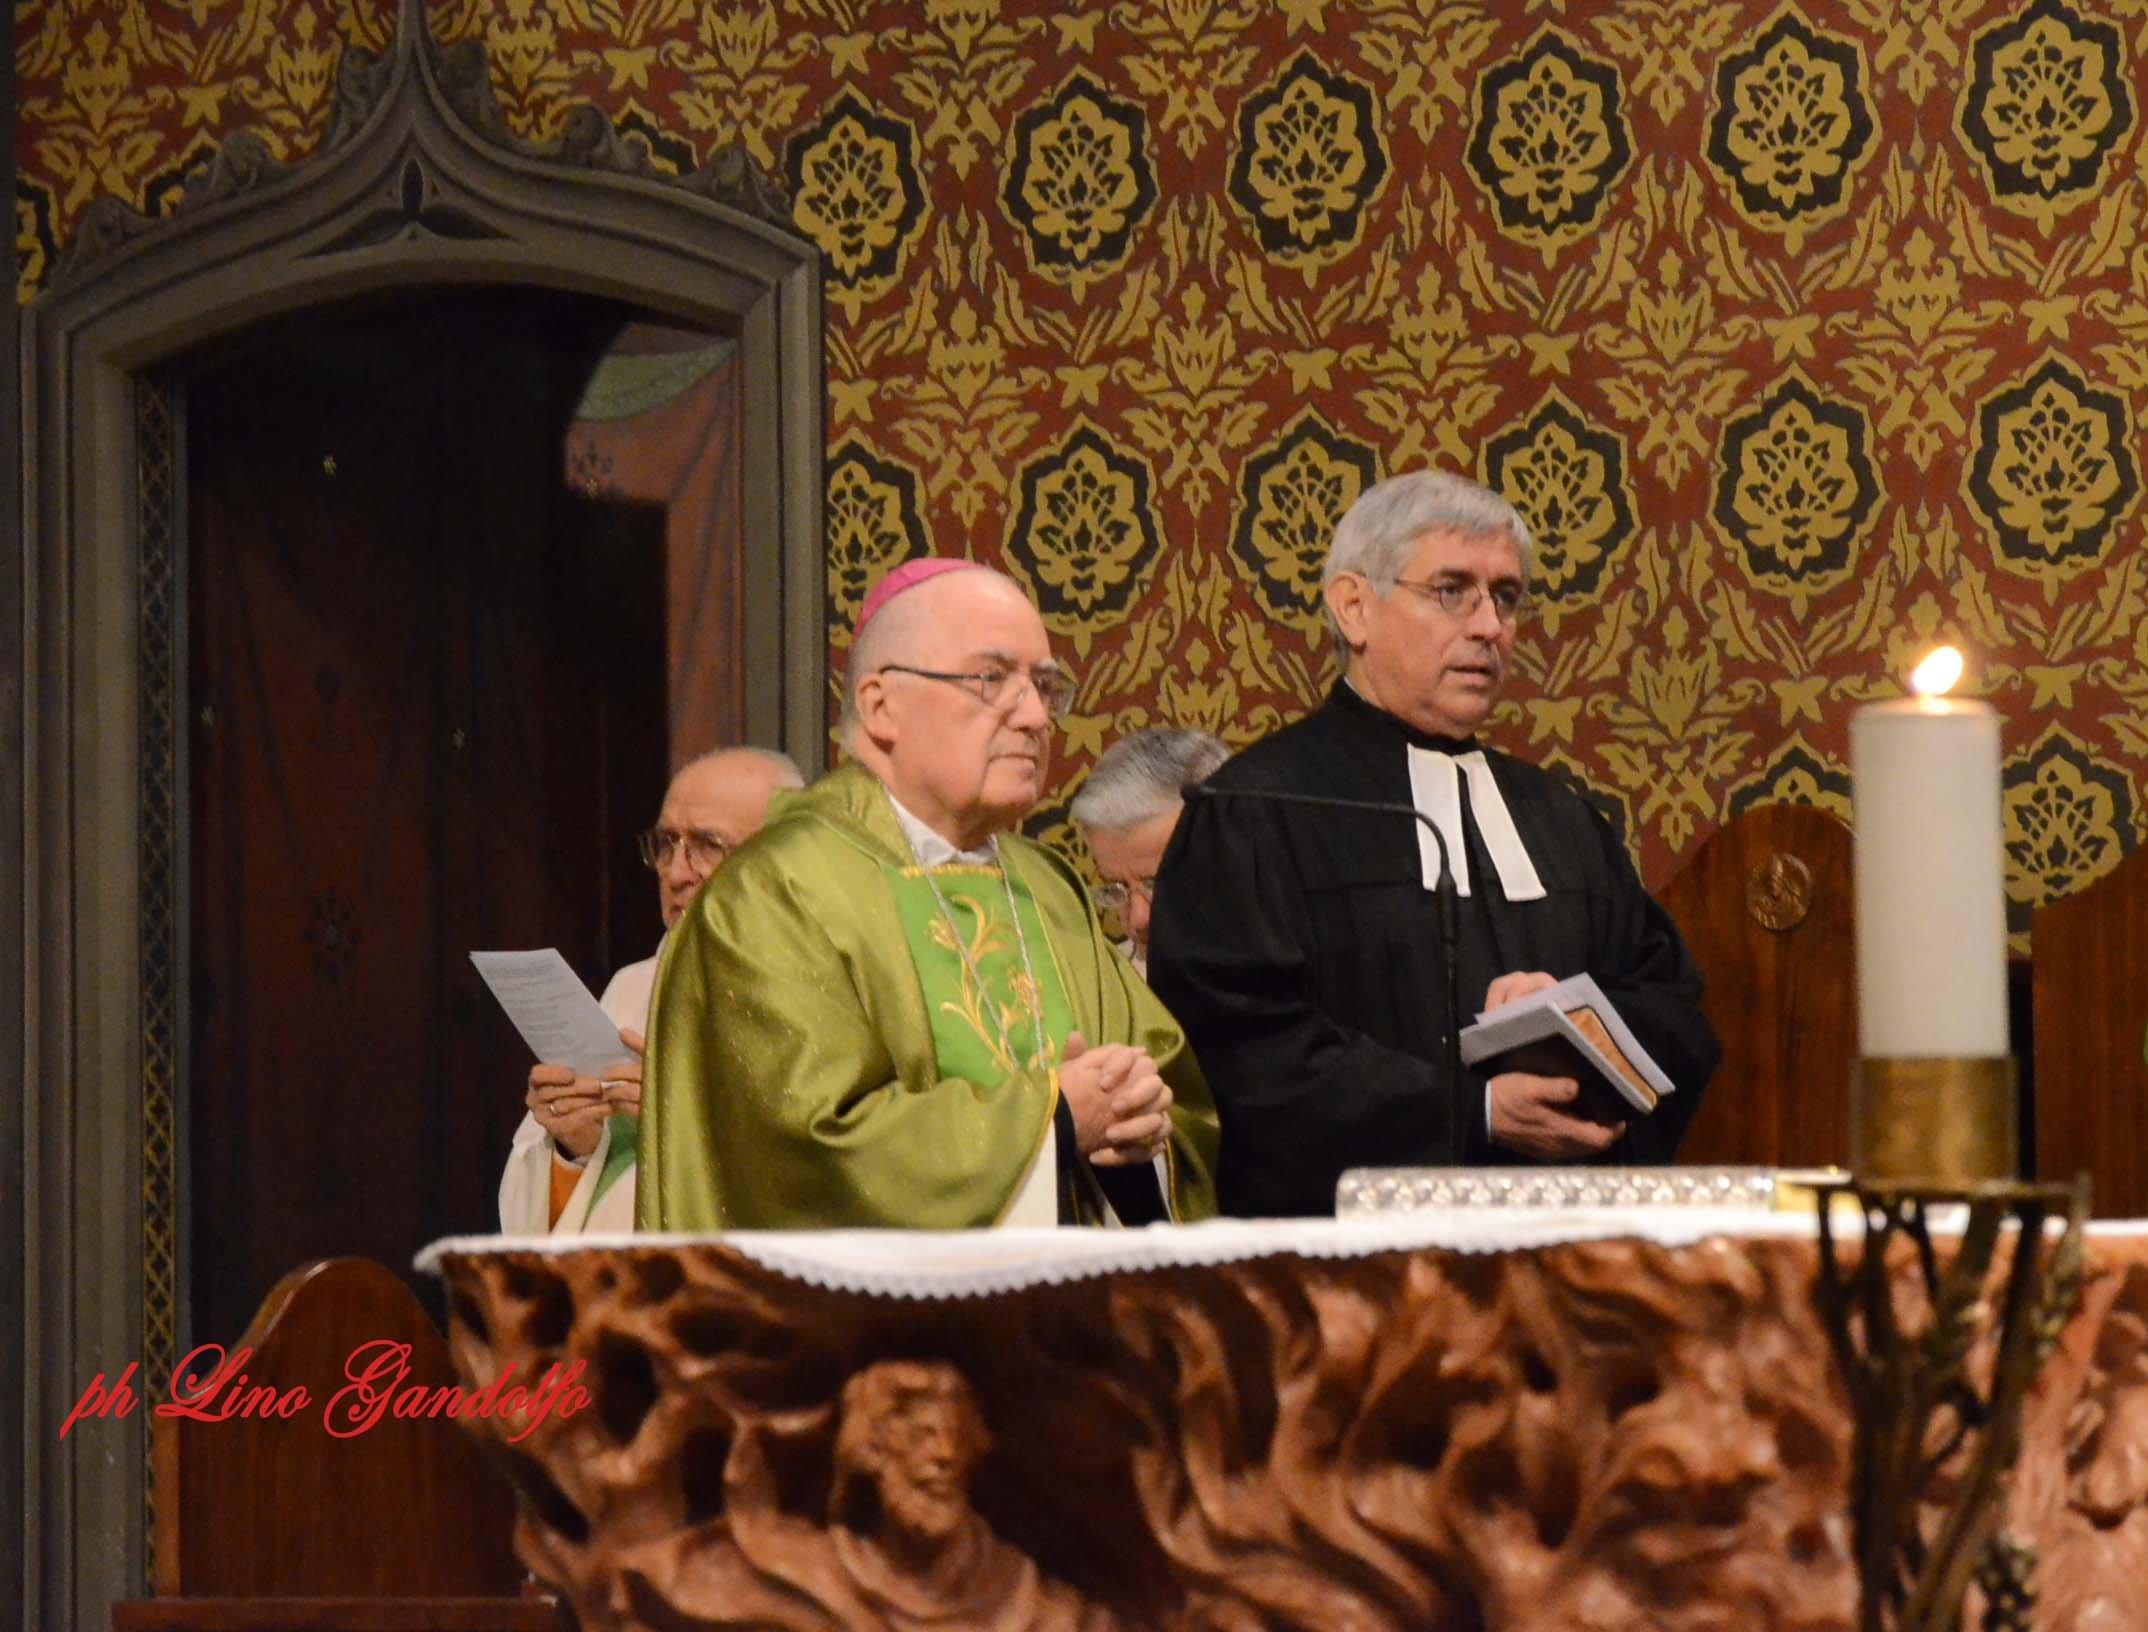 [ photogallery ] Il pastore Genre nella Cattedrale di Pinerolo ha concluso la settimana di preghiera per l'unità dei cristiani